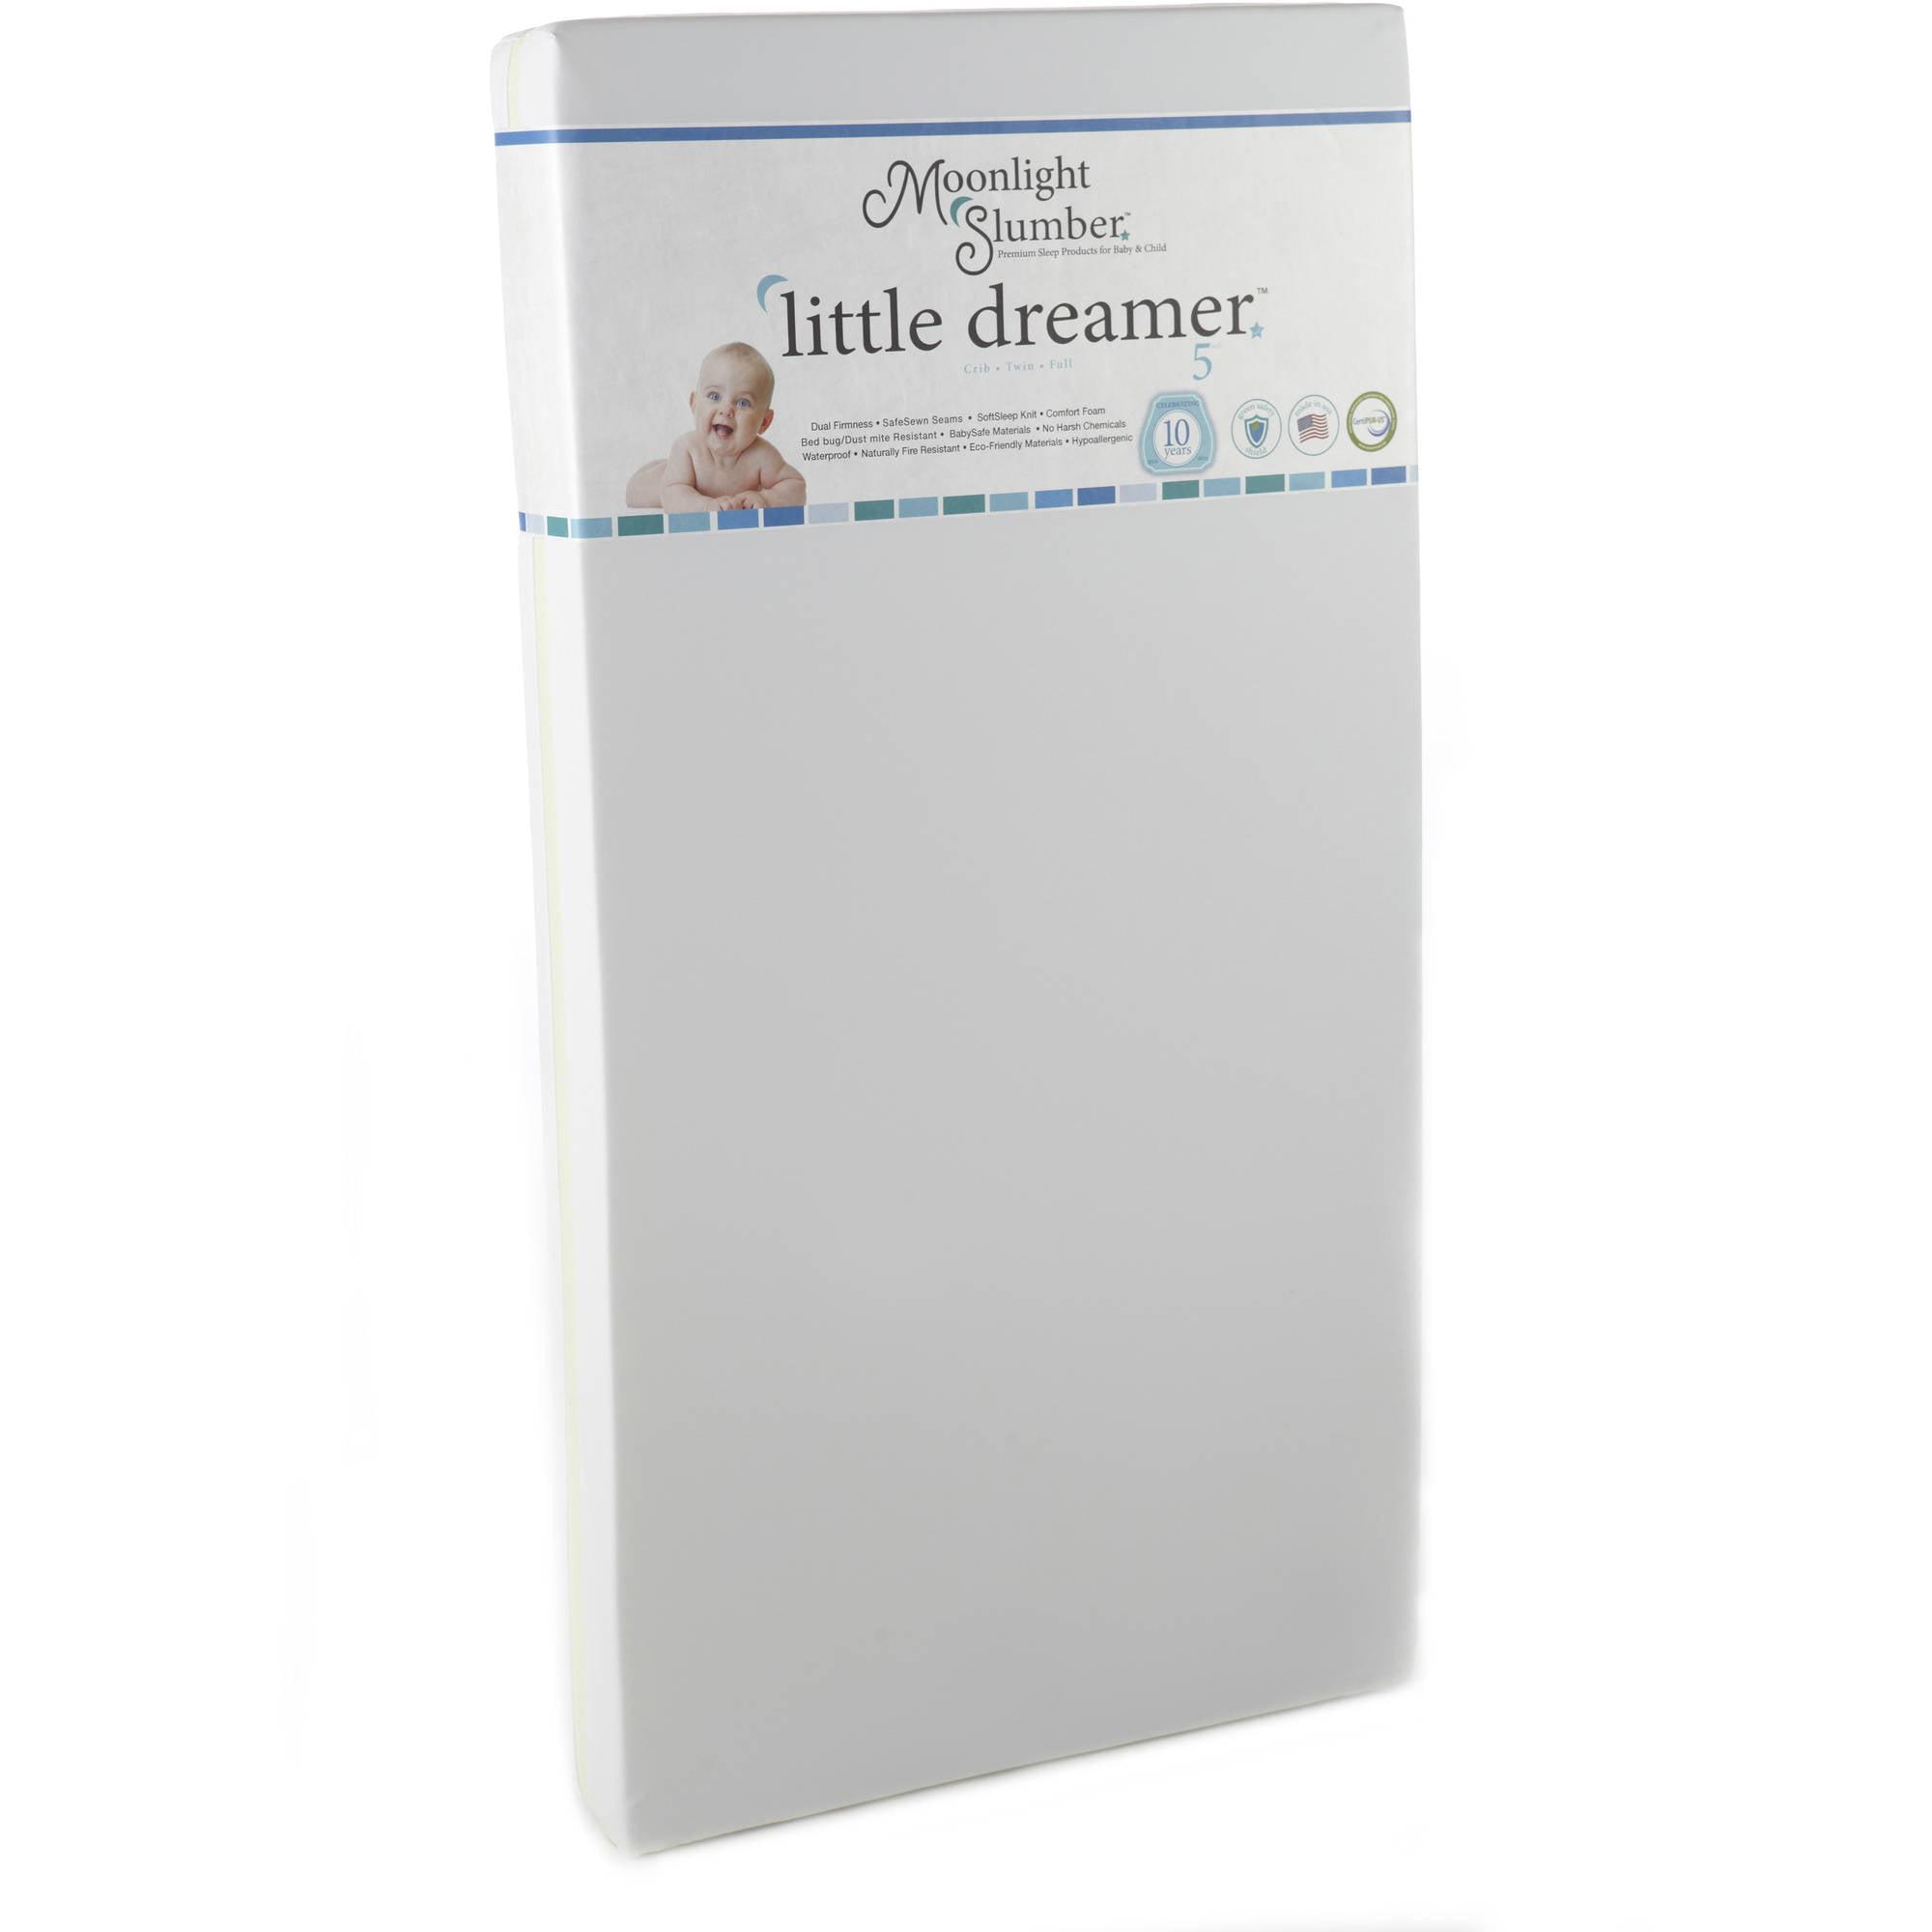 Moonlight Slumber Little Dreamer Crib Mattress by Moonlight Slumber